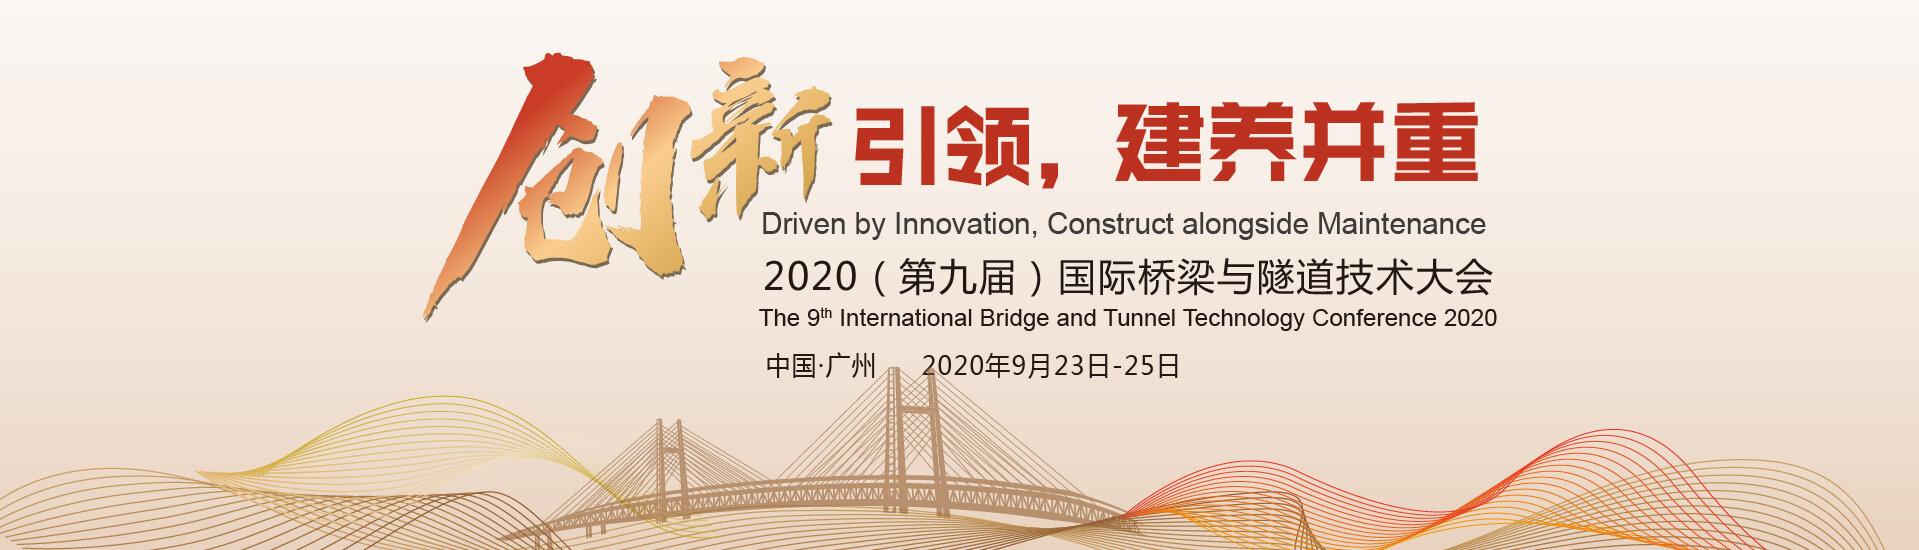 2020(第九�茫���H�蛄号c隧道技�g大��暨展�[��